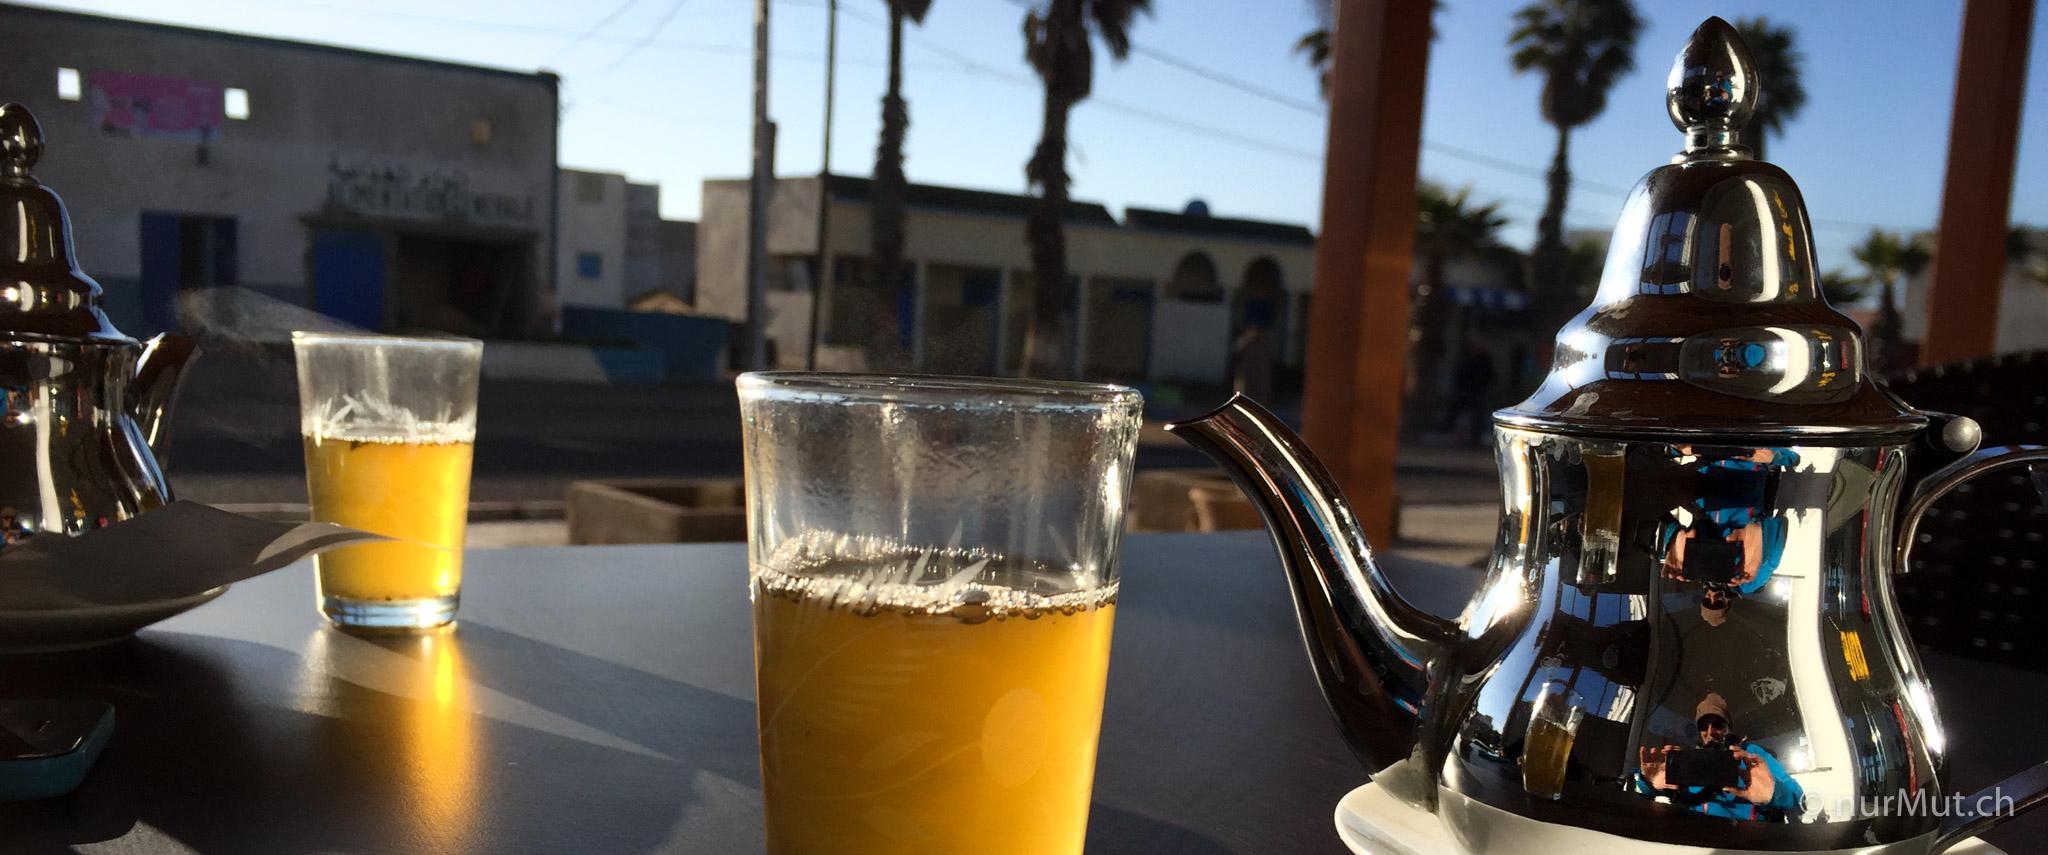 marokkanische Berber-Minztee-Tee-marokkanischer Tee